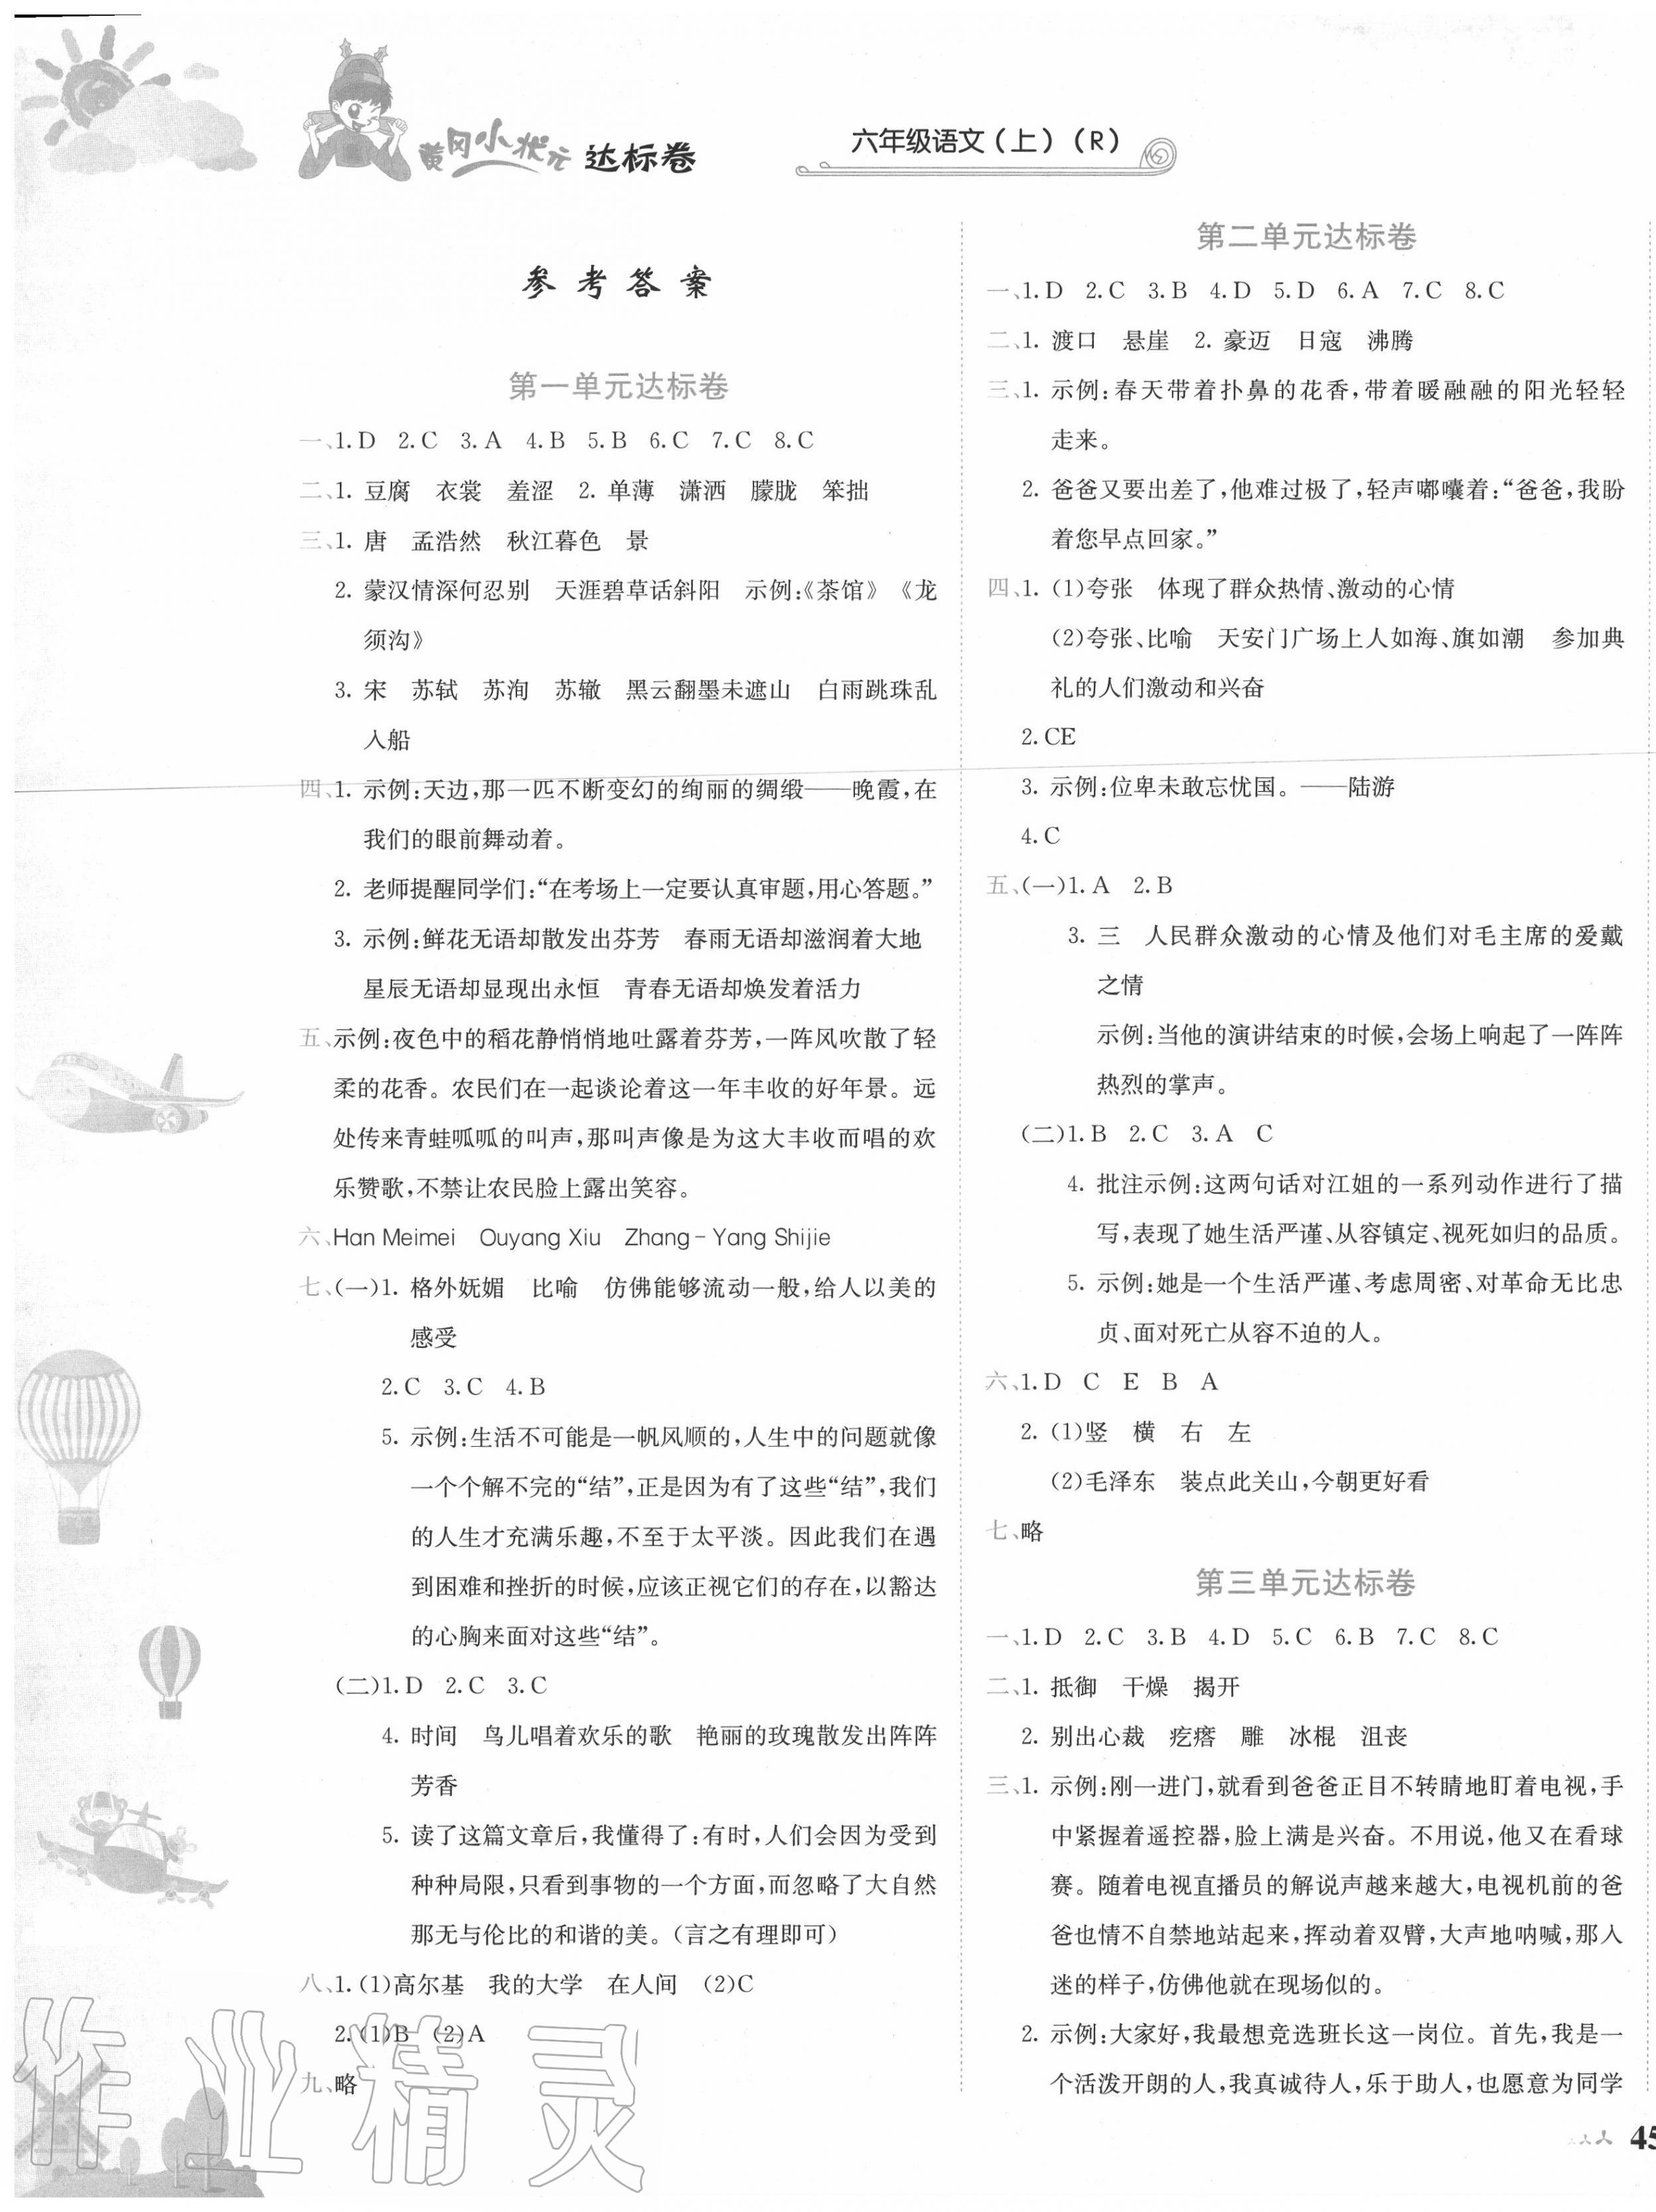 2020年黃岡小狀元達標卷六年級語文上冊人教版第1頁